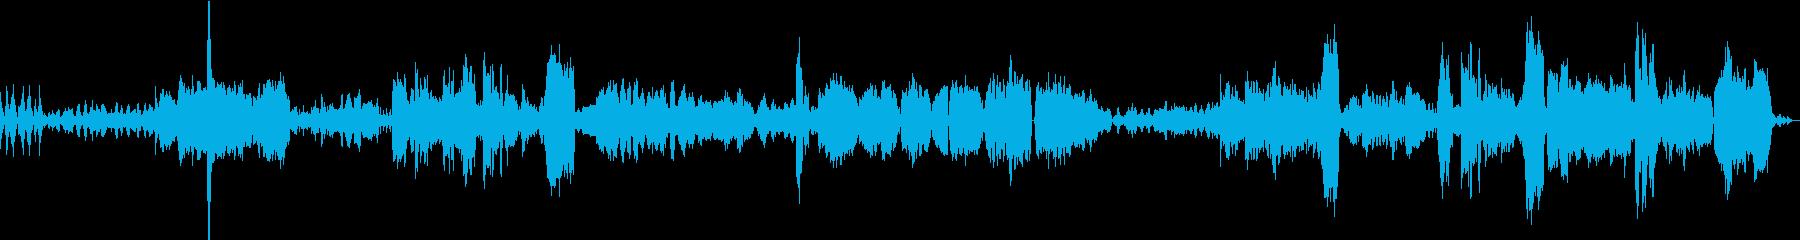 バルトークの曲のクラシックアレンジの再生済みの波形